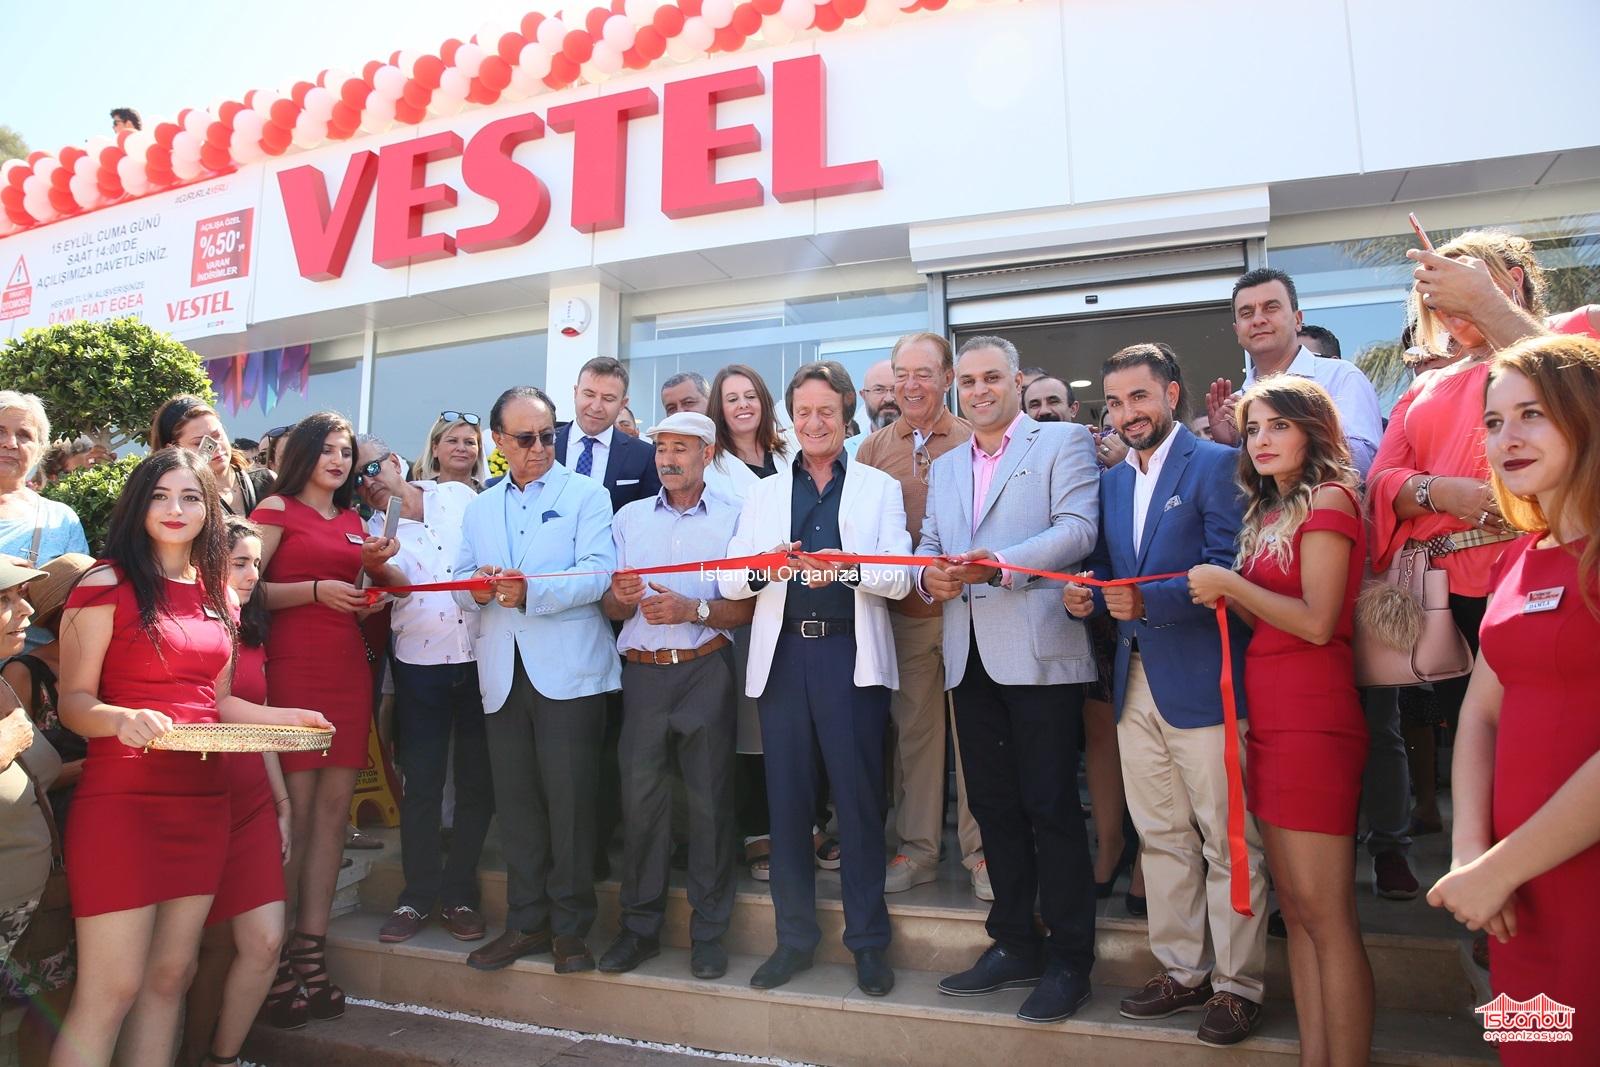 Vestel Mağazası Açılış Organizasyonu İstanbul Organizasyon